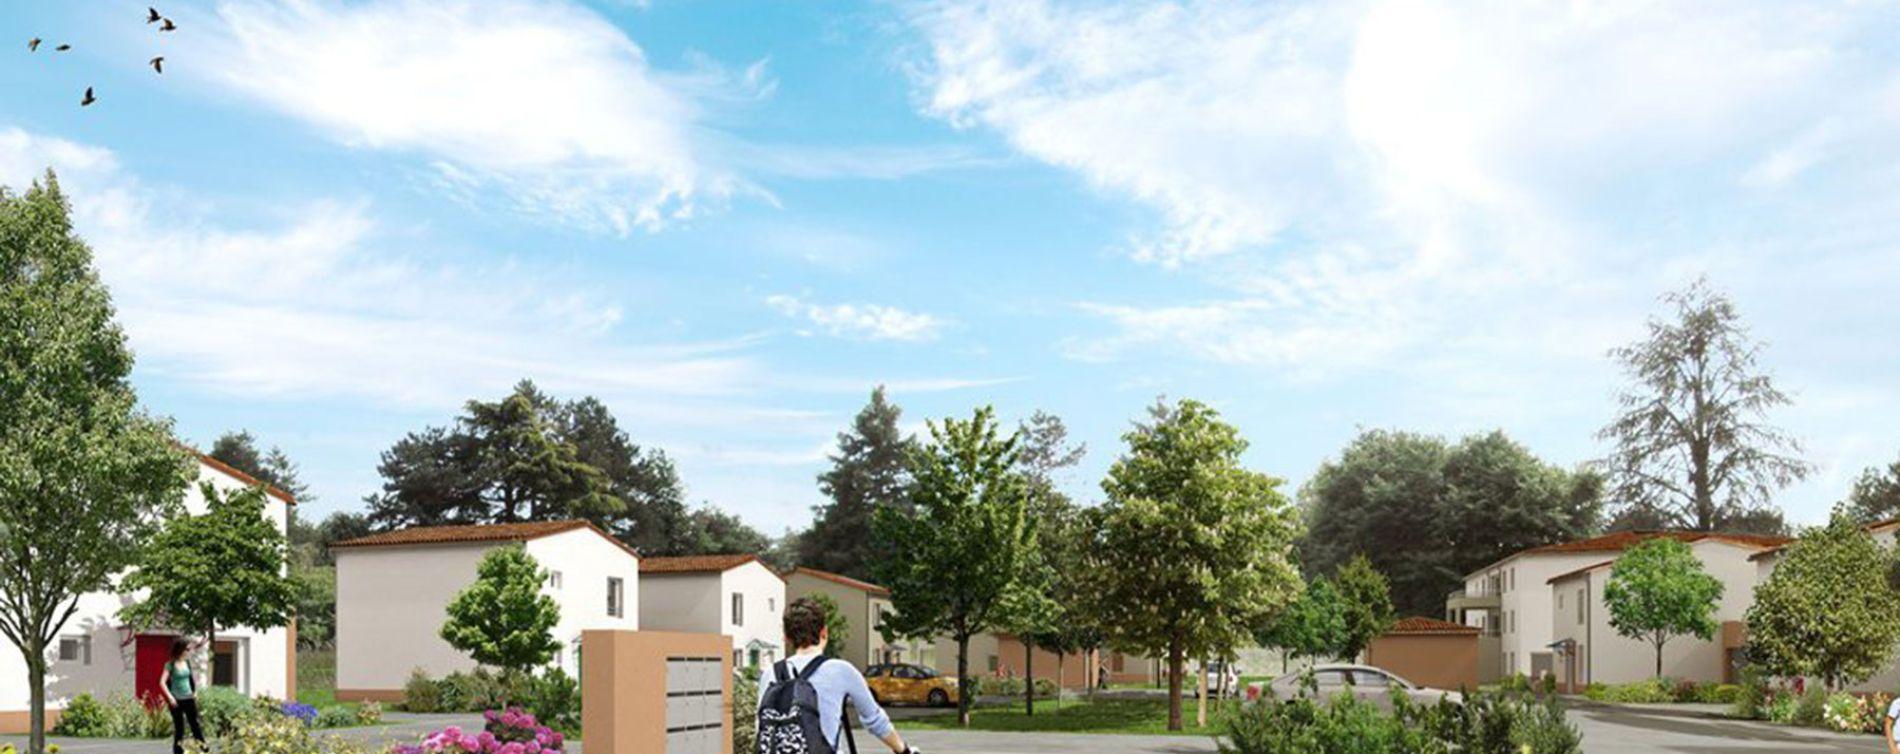 Buxerolles : programme immobilier neuve « Le Clos des Amandiers » (3)